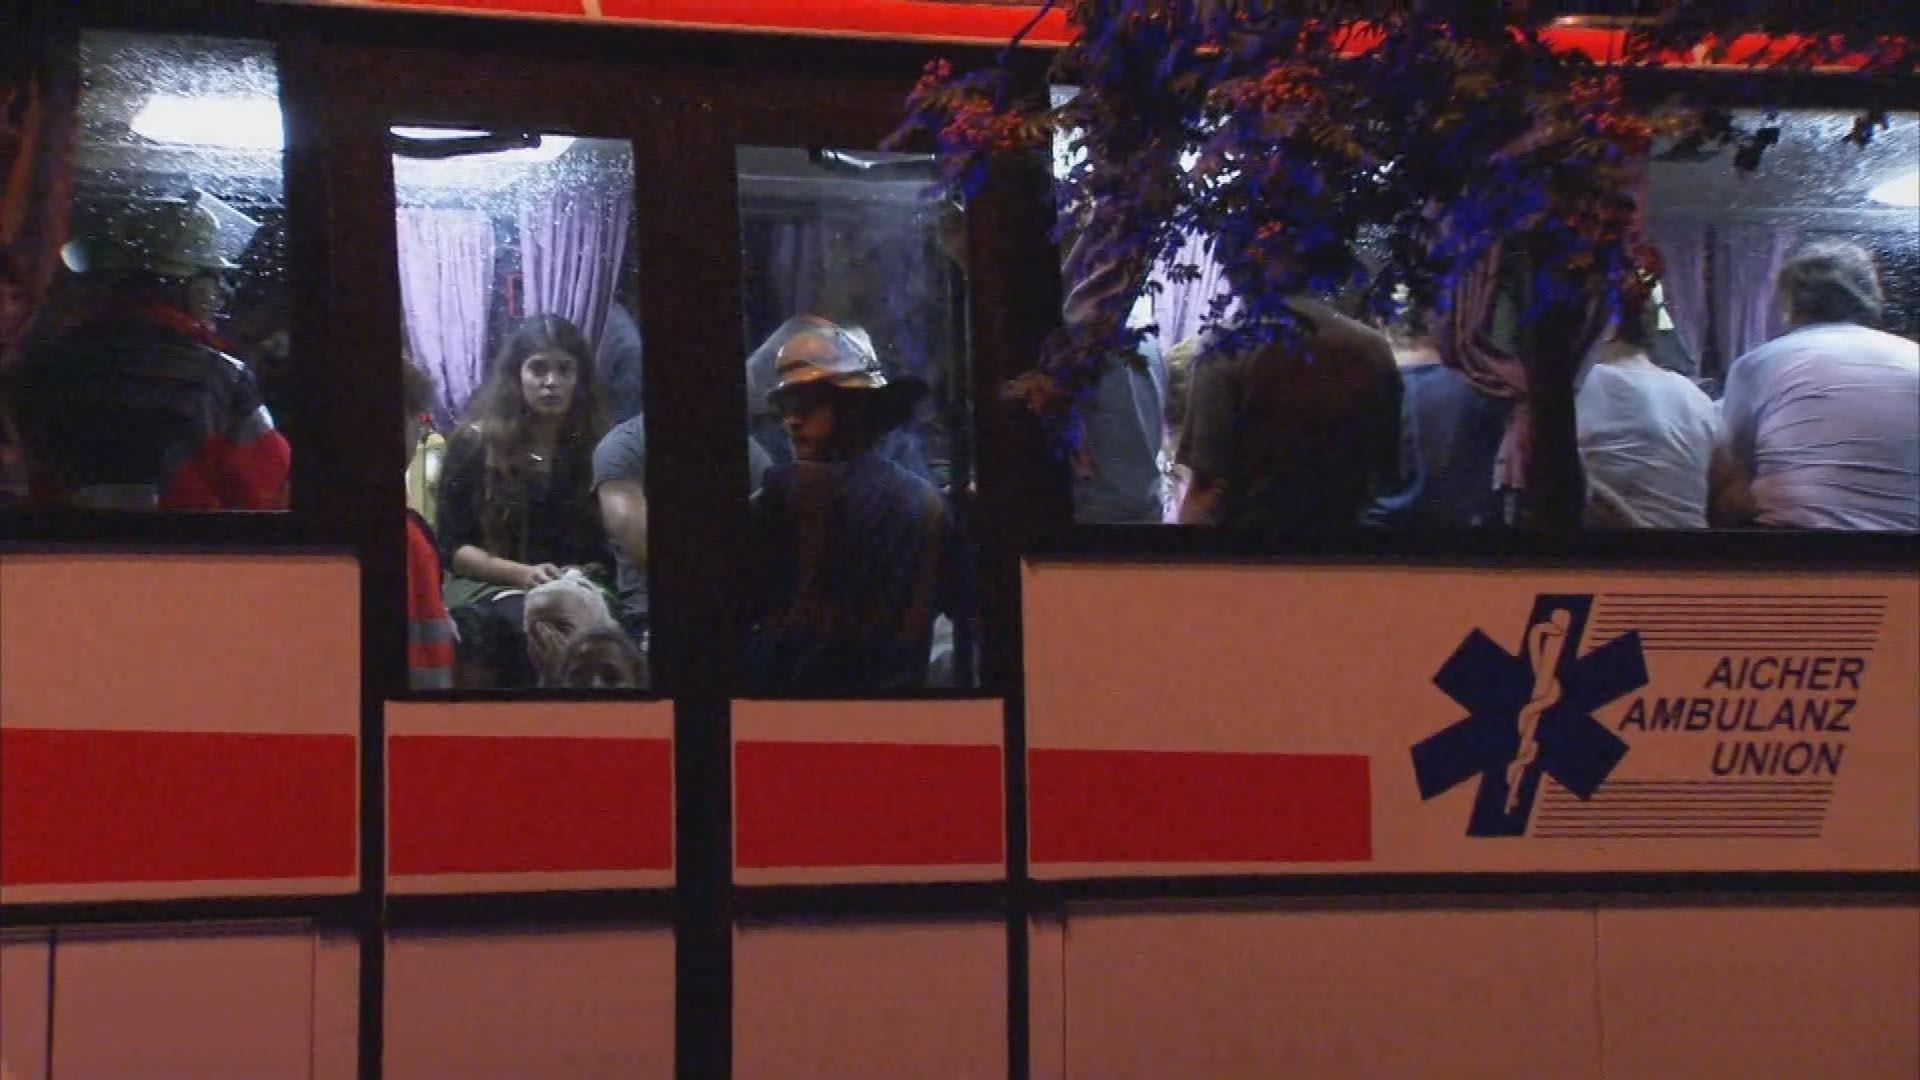 Cientos de personas no podrán llegar a su destinos debido a la paralización del servicio por motivos de seguridad